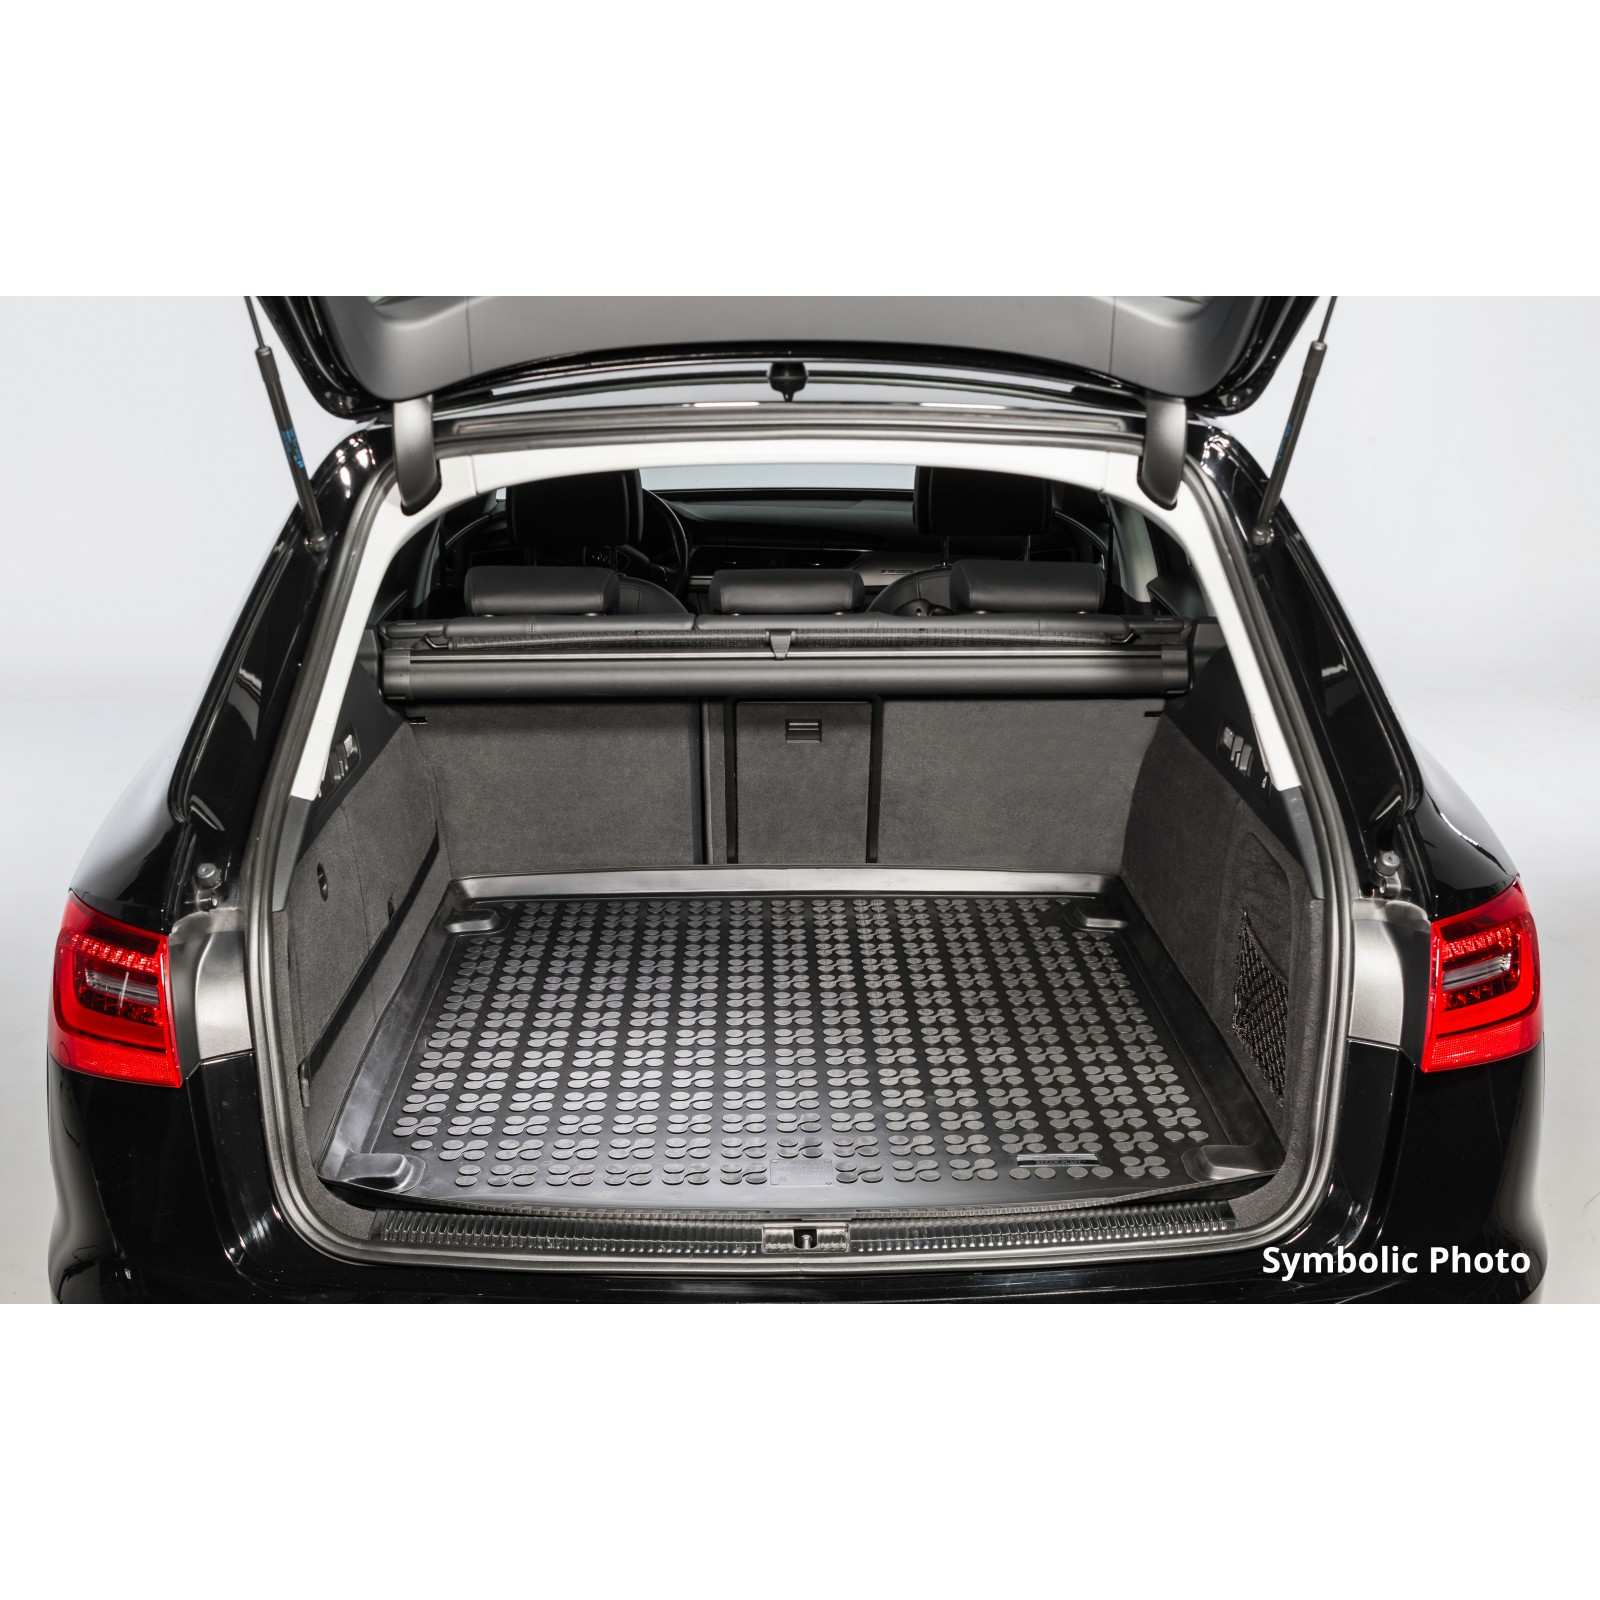 bac de coffre pour jeep renegade sol sup rieur jeep bacs de coffre sur mesure offre sur. Black Bedroom Furniture Sets. Home Design Ideas